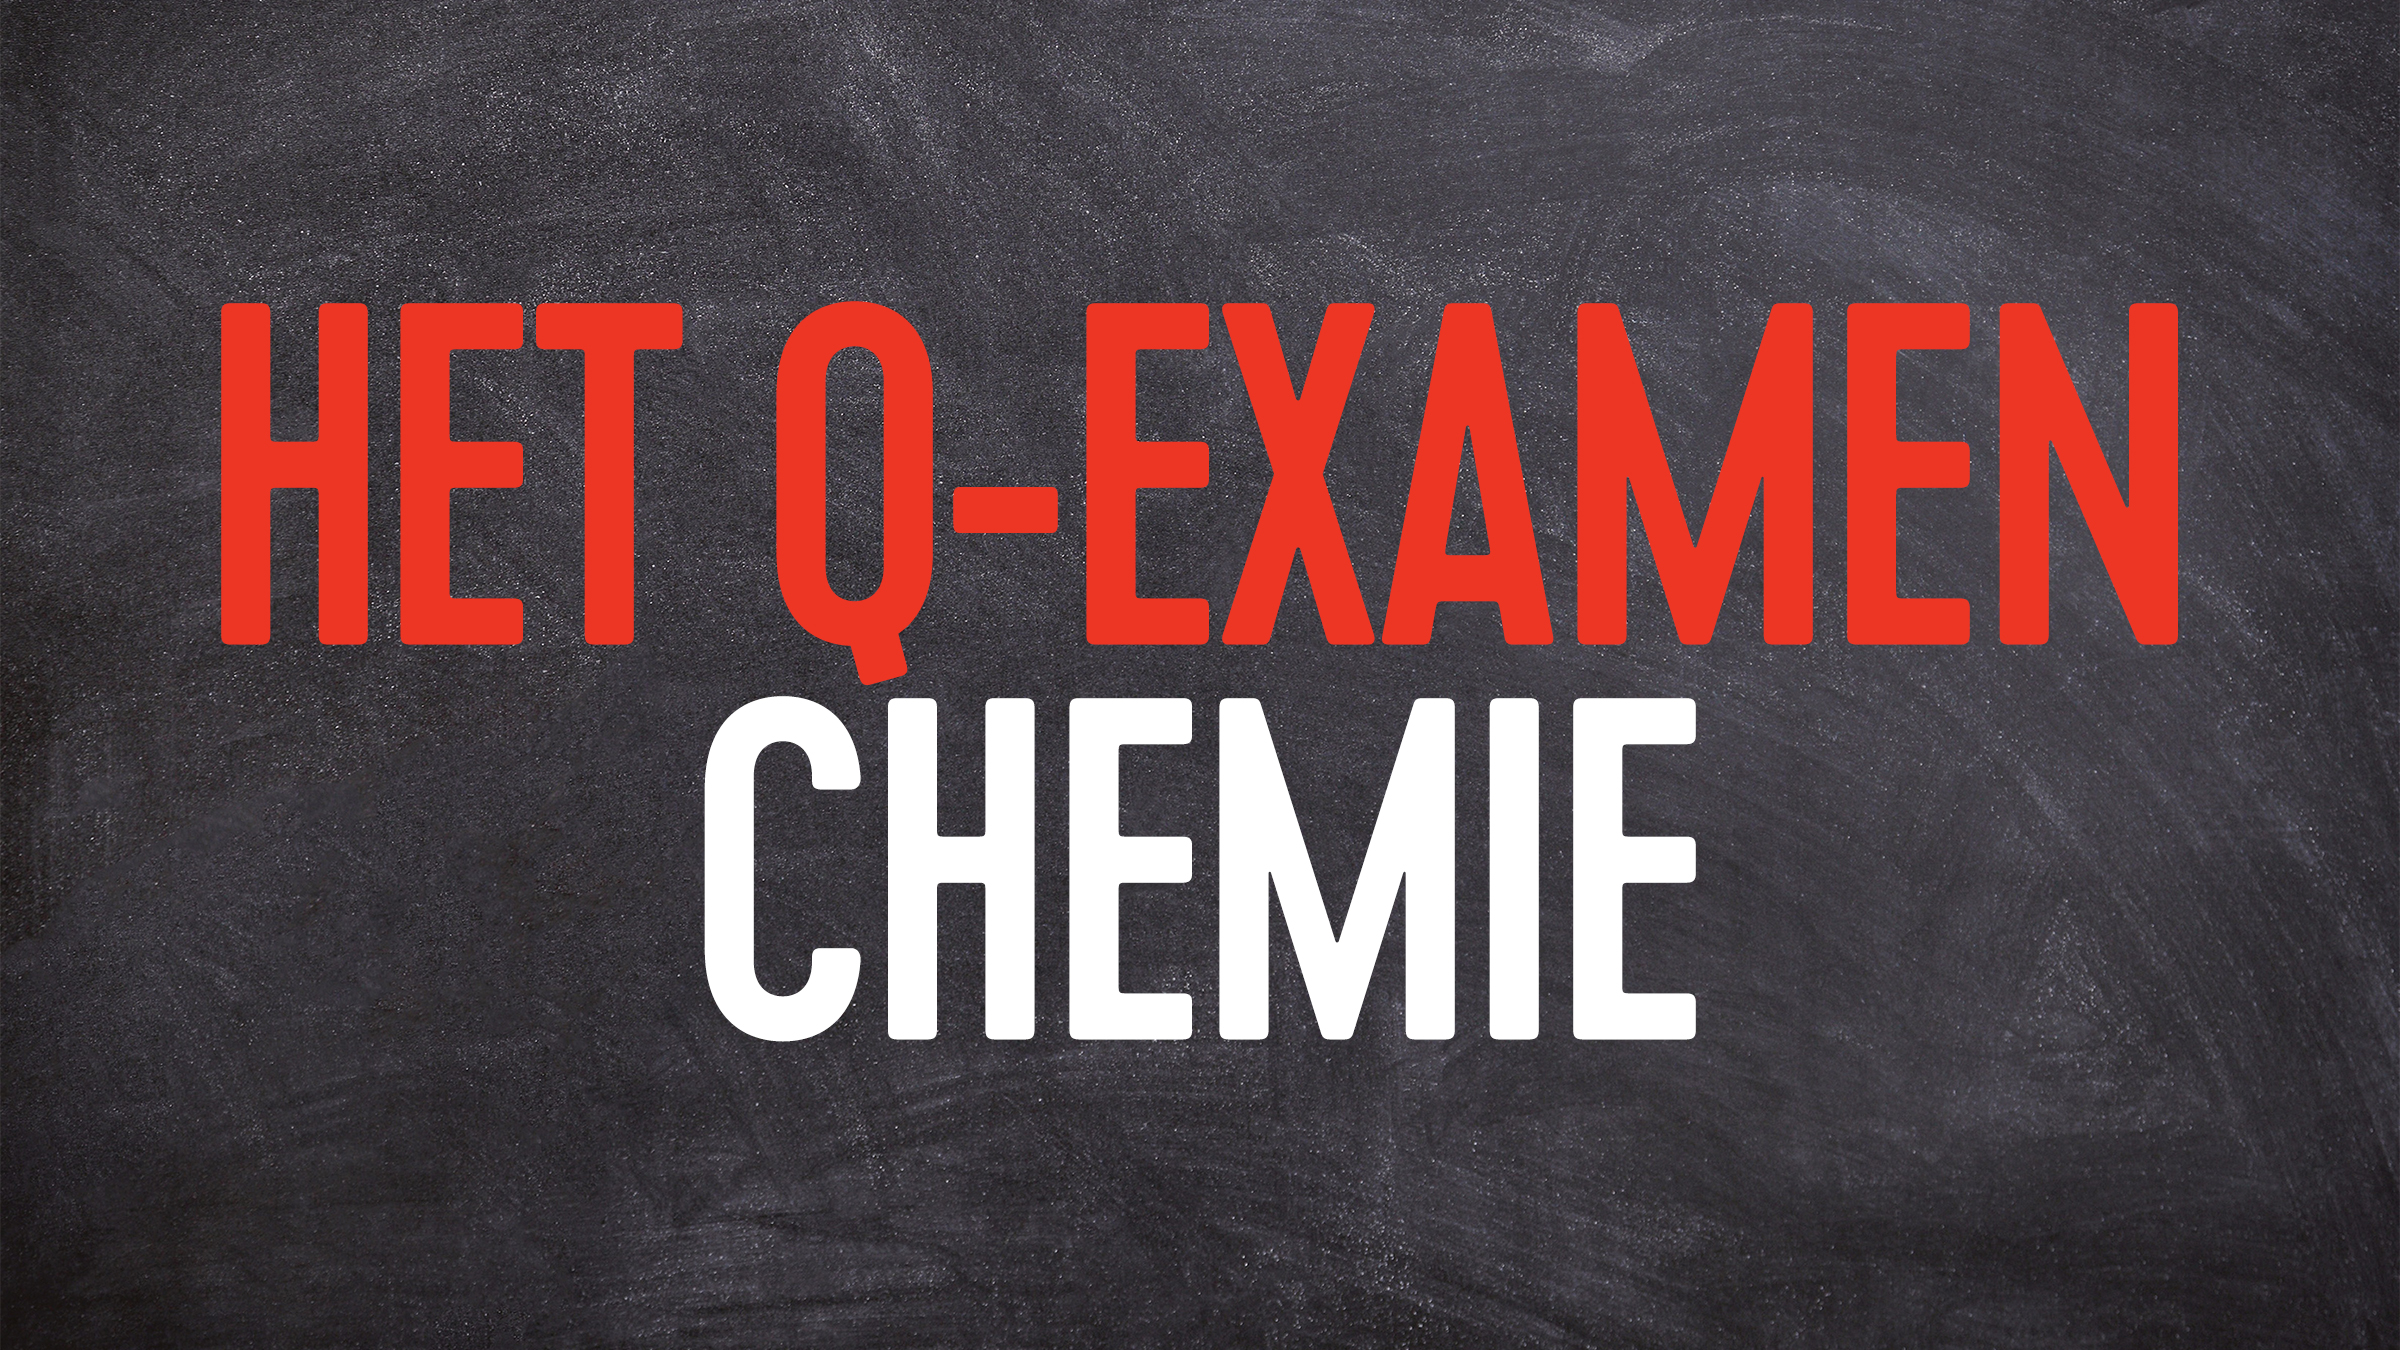 Q examen chemie